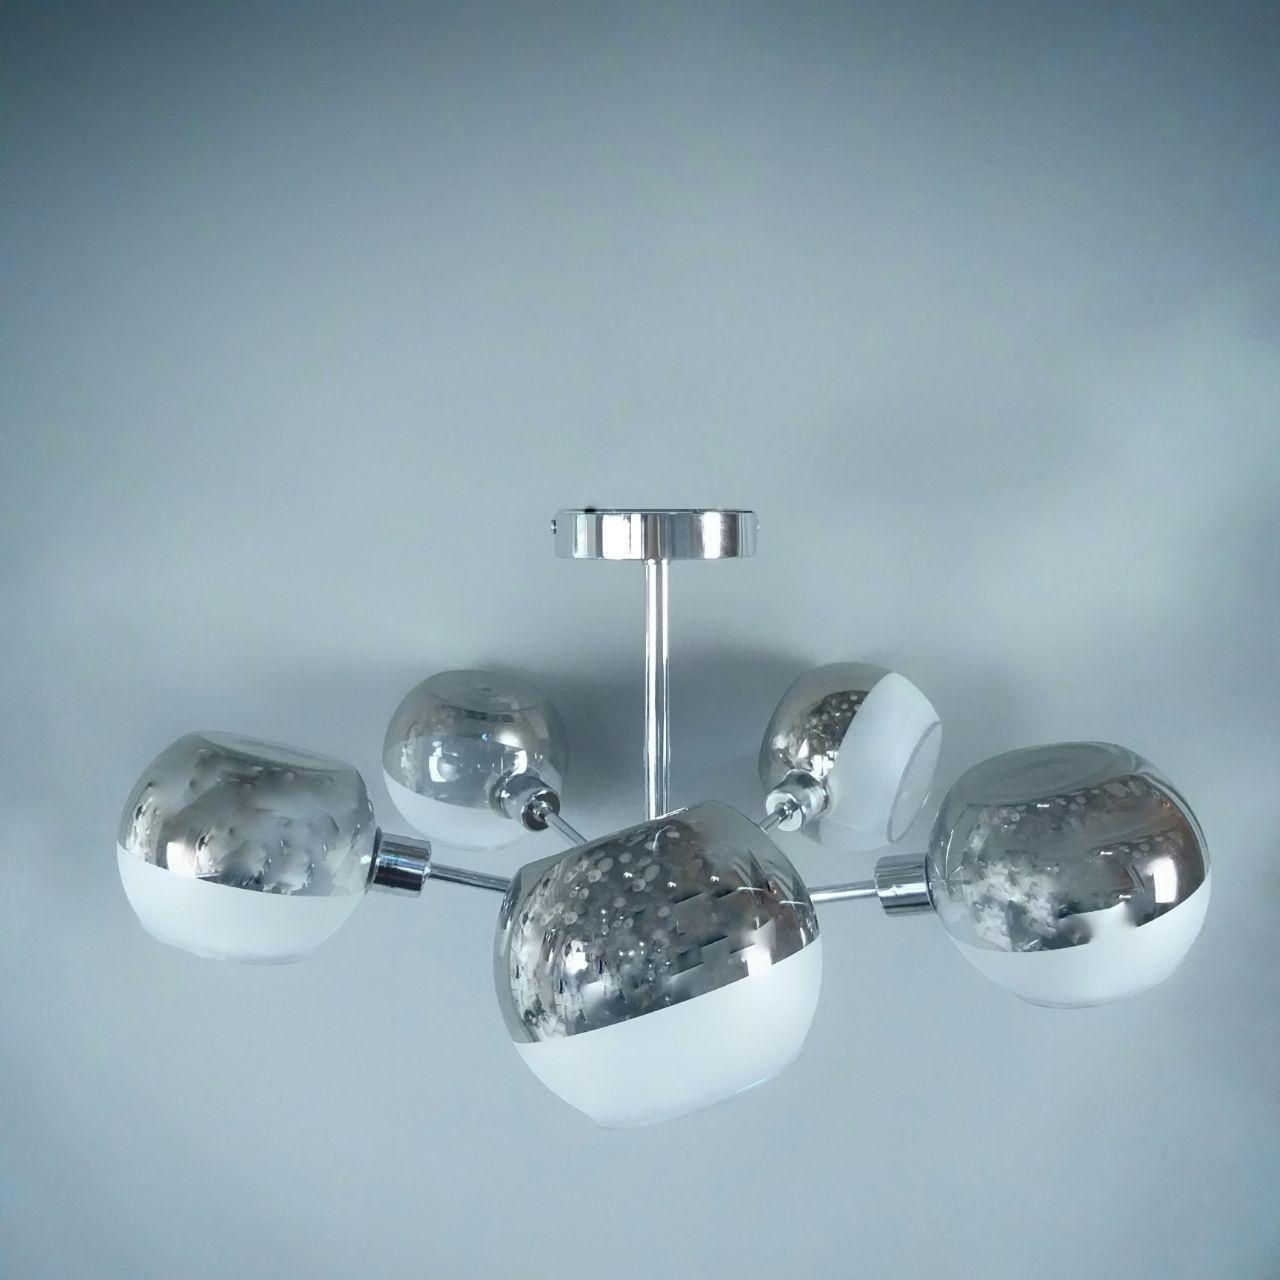 Люстра підвісна на 5 лампочок 29-C986/5 CR+SM+WT (1шт) E27 CT